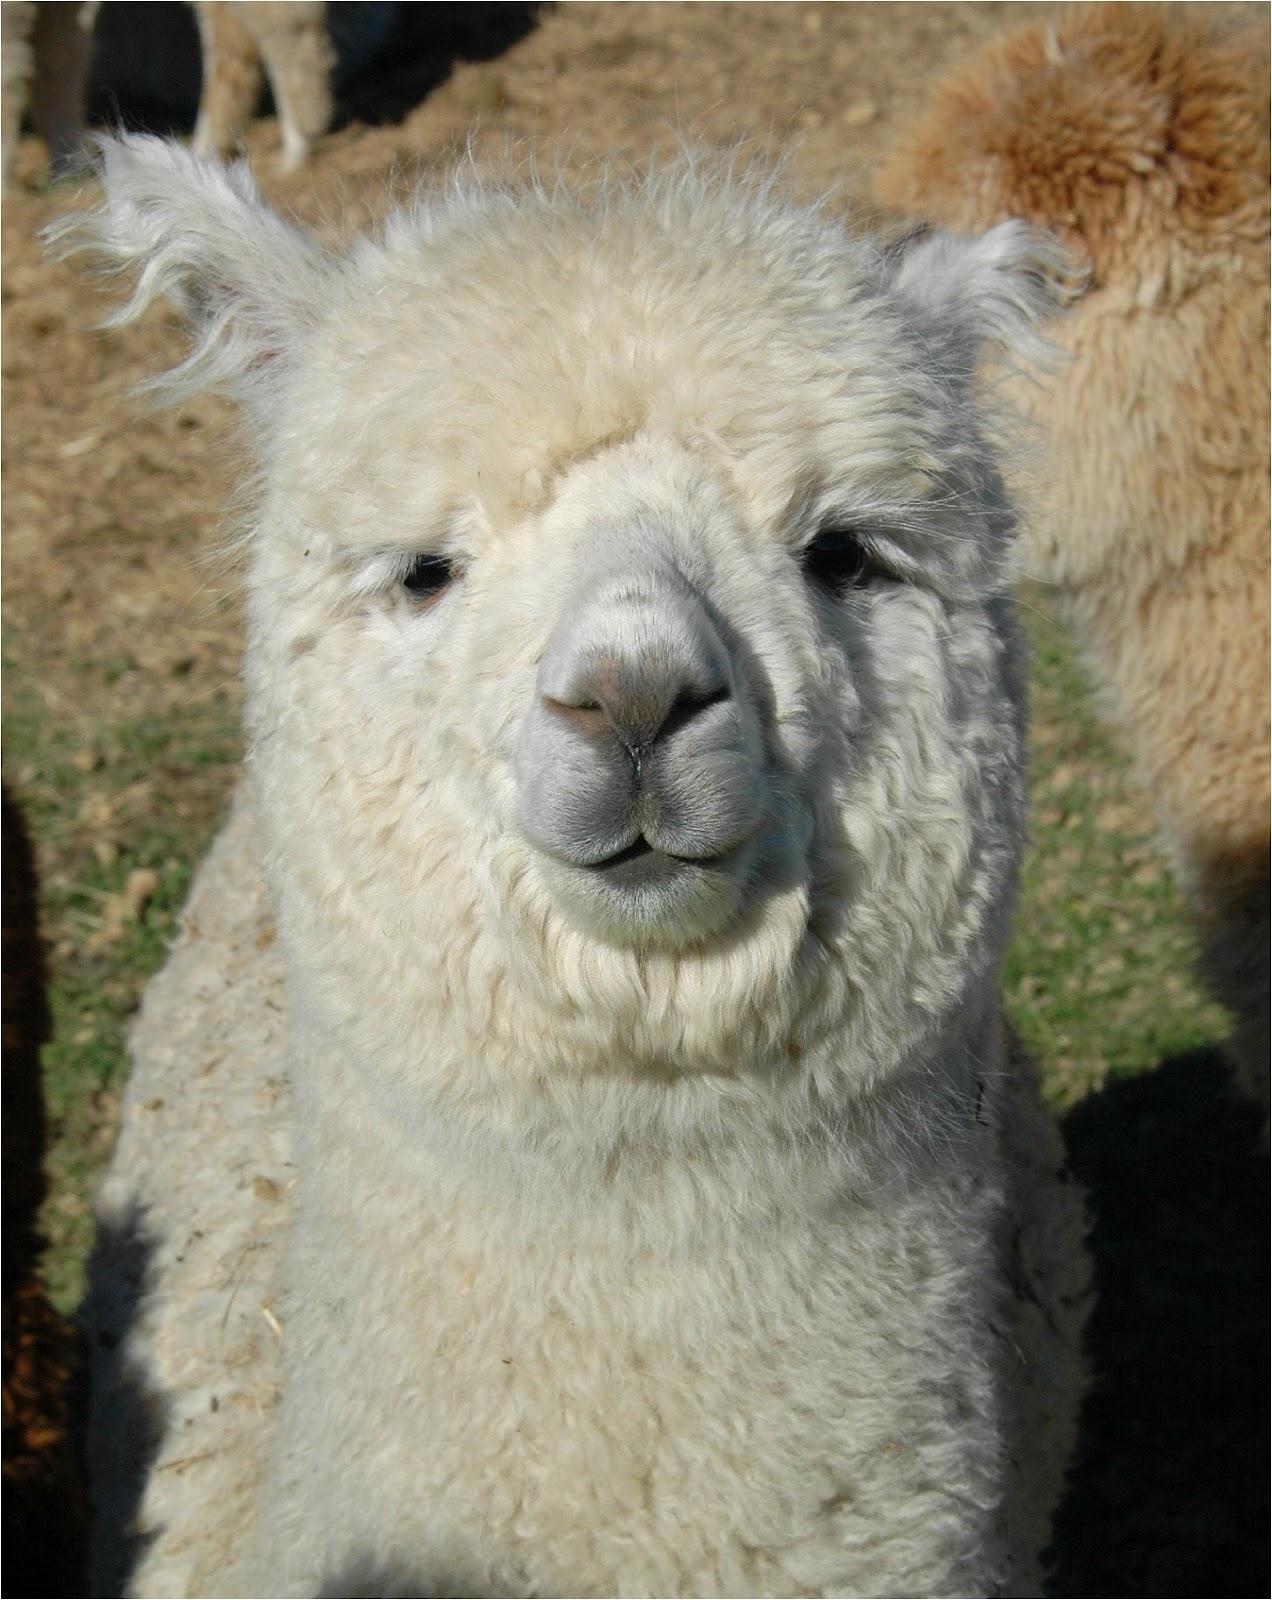 Alpaca Face Alpaca Overview...